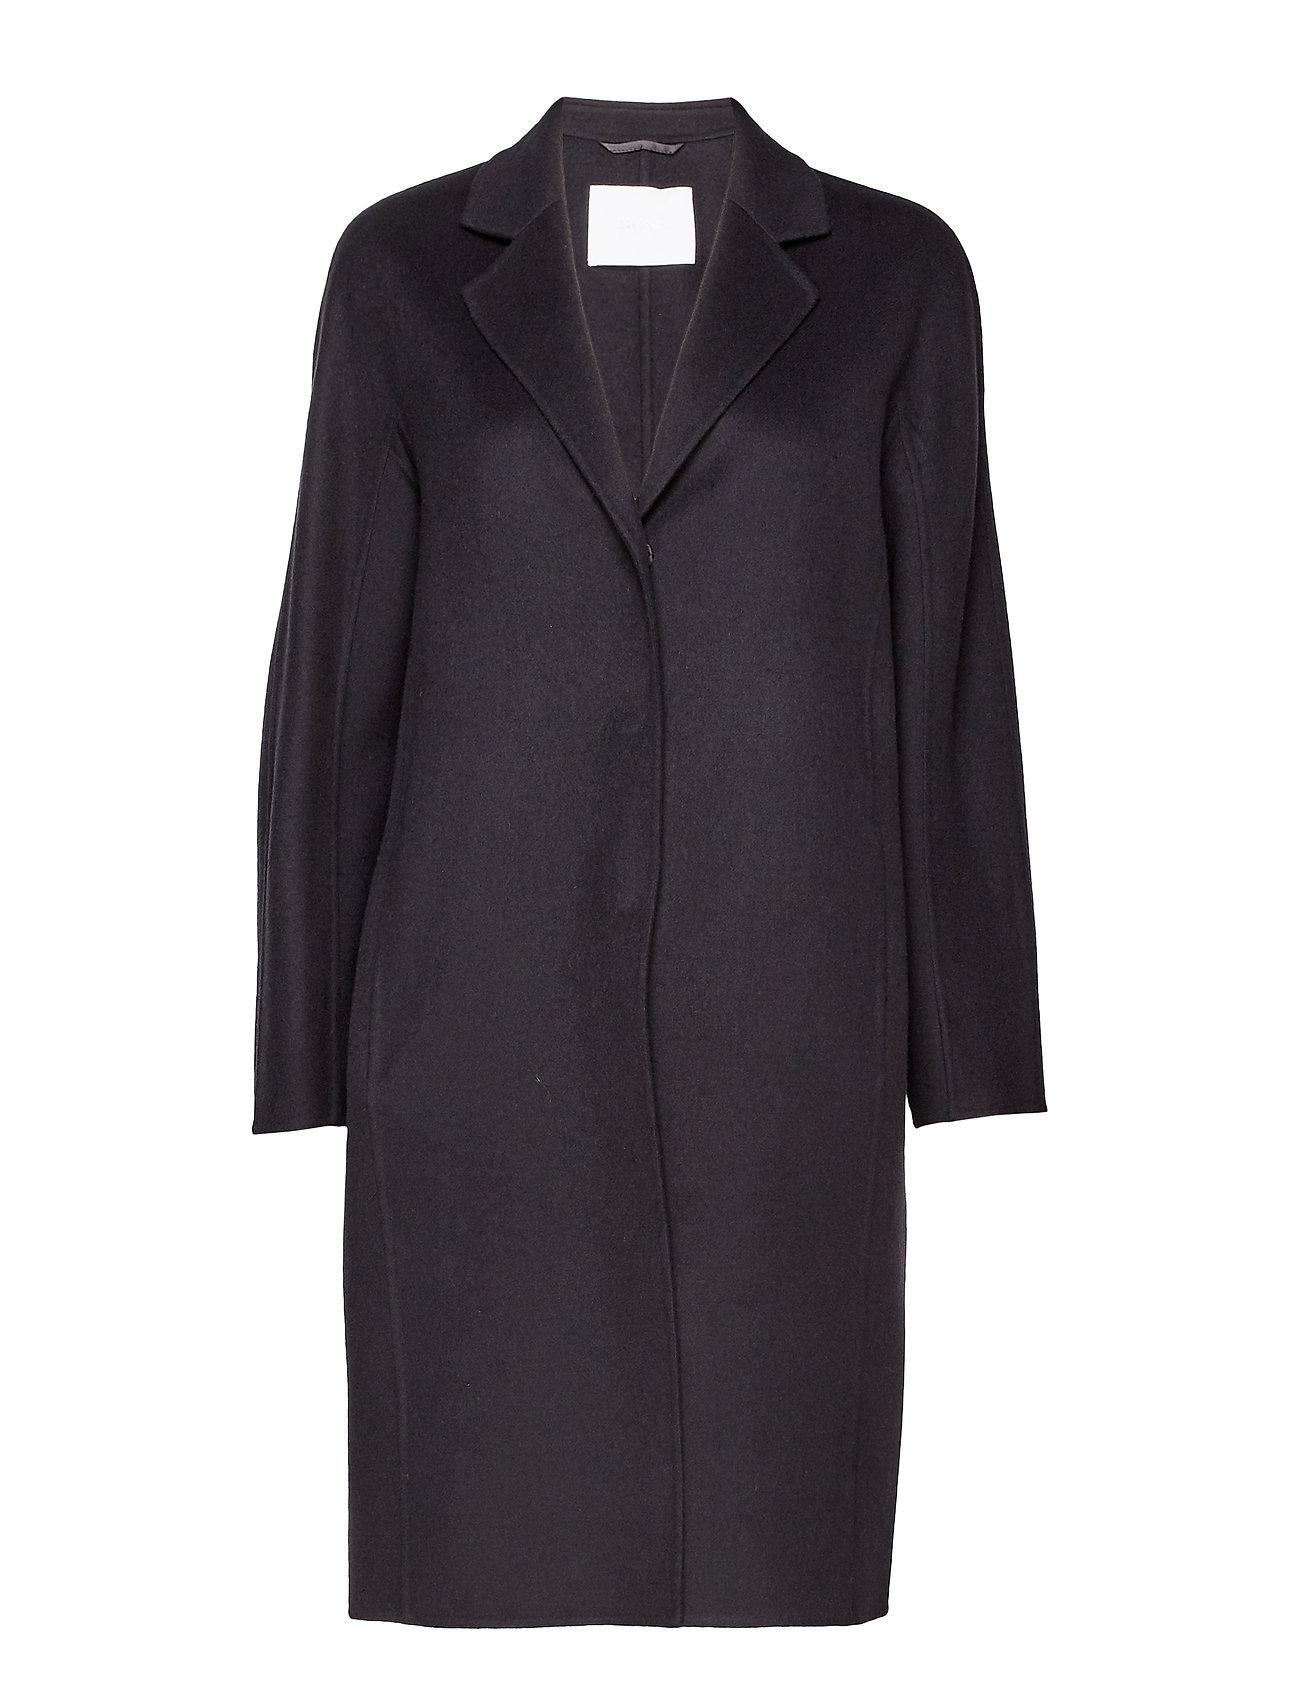 BOSS Business Wear Cutala - BLACK